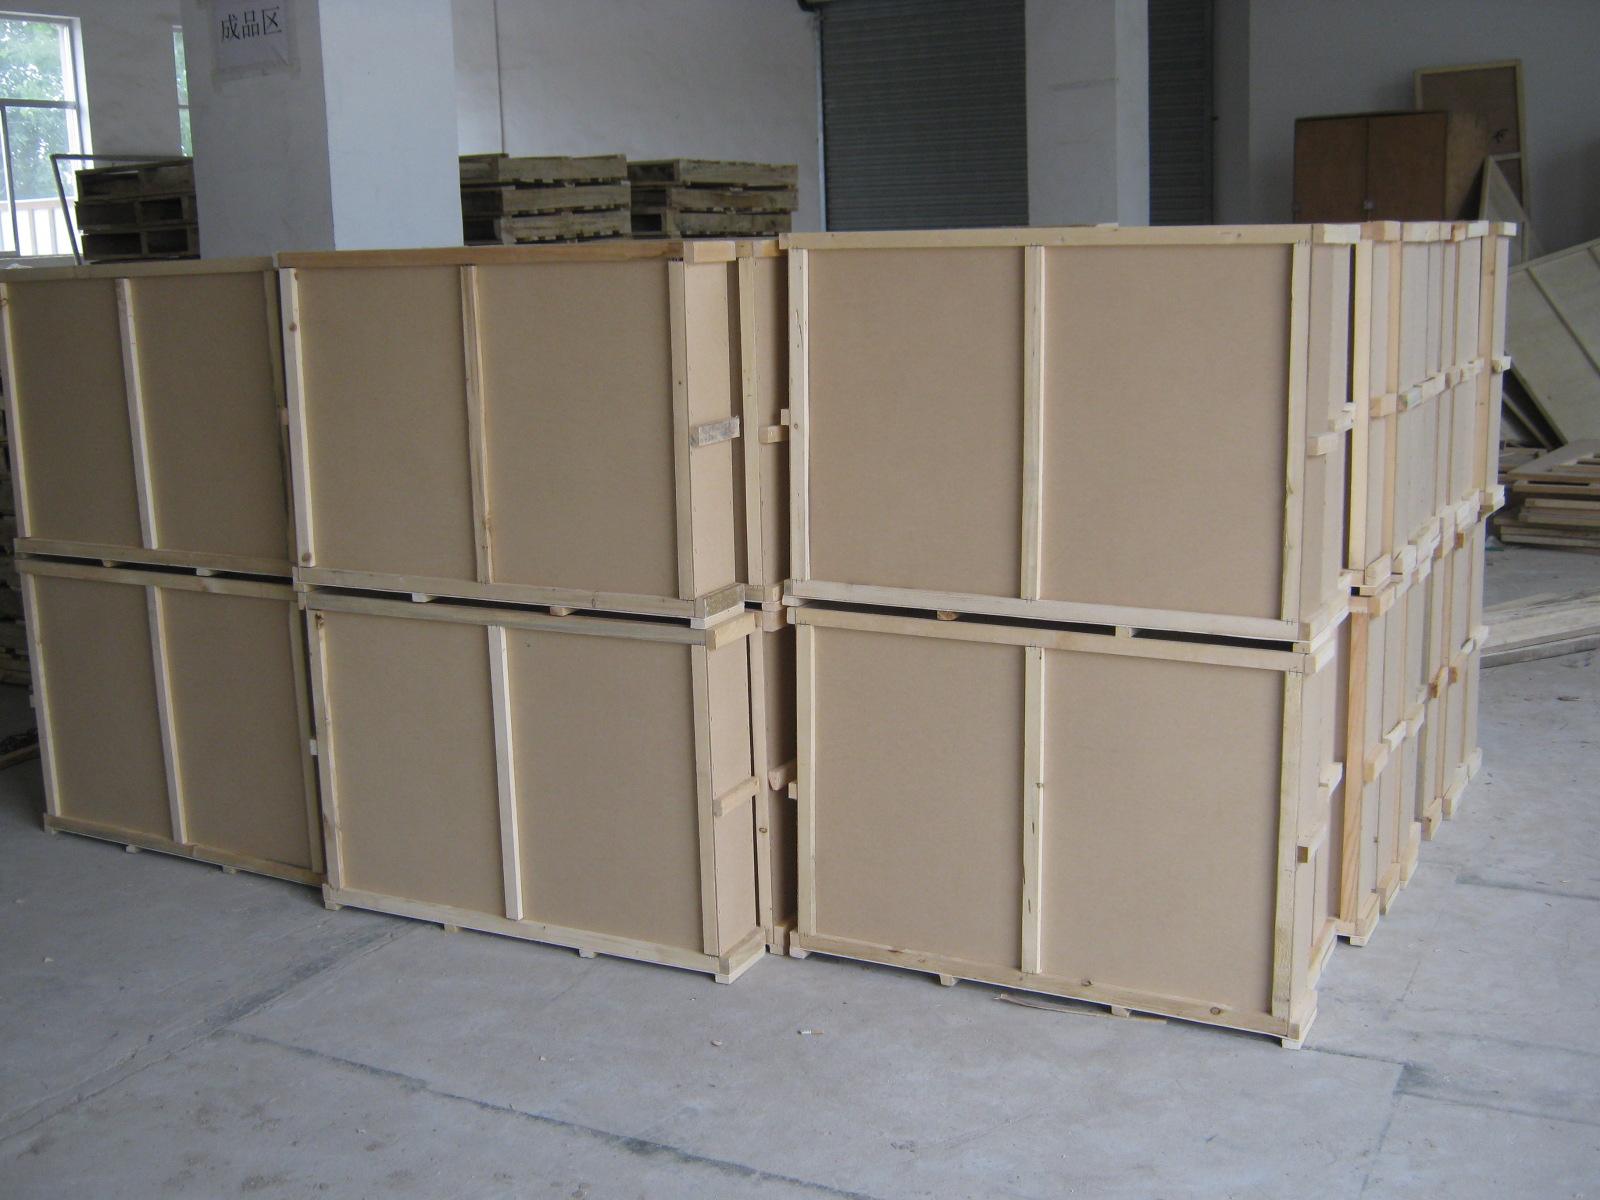 木箱批发   木包装箱,顾名思义是用于包装的木箱,其大小并没具体规定